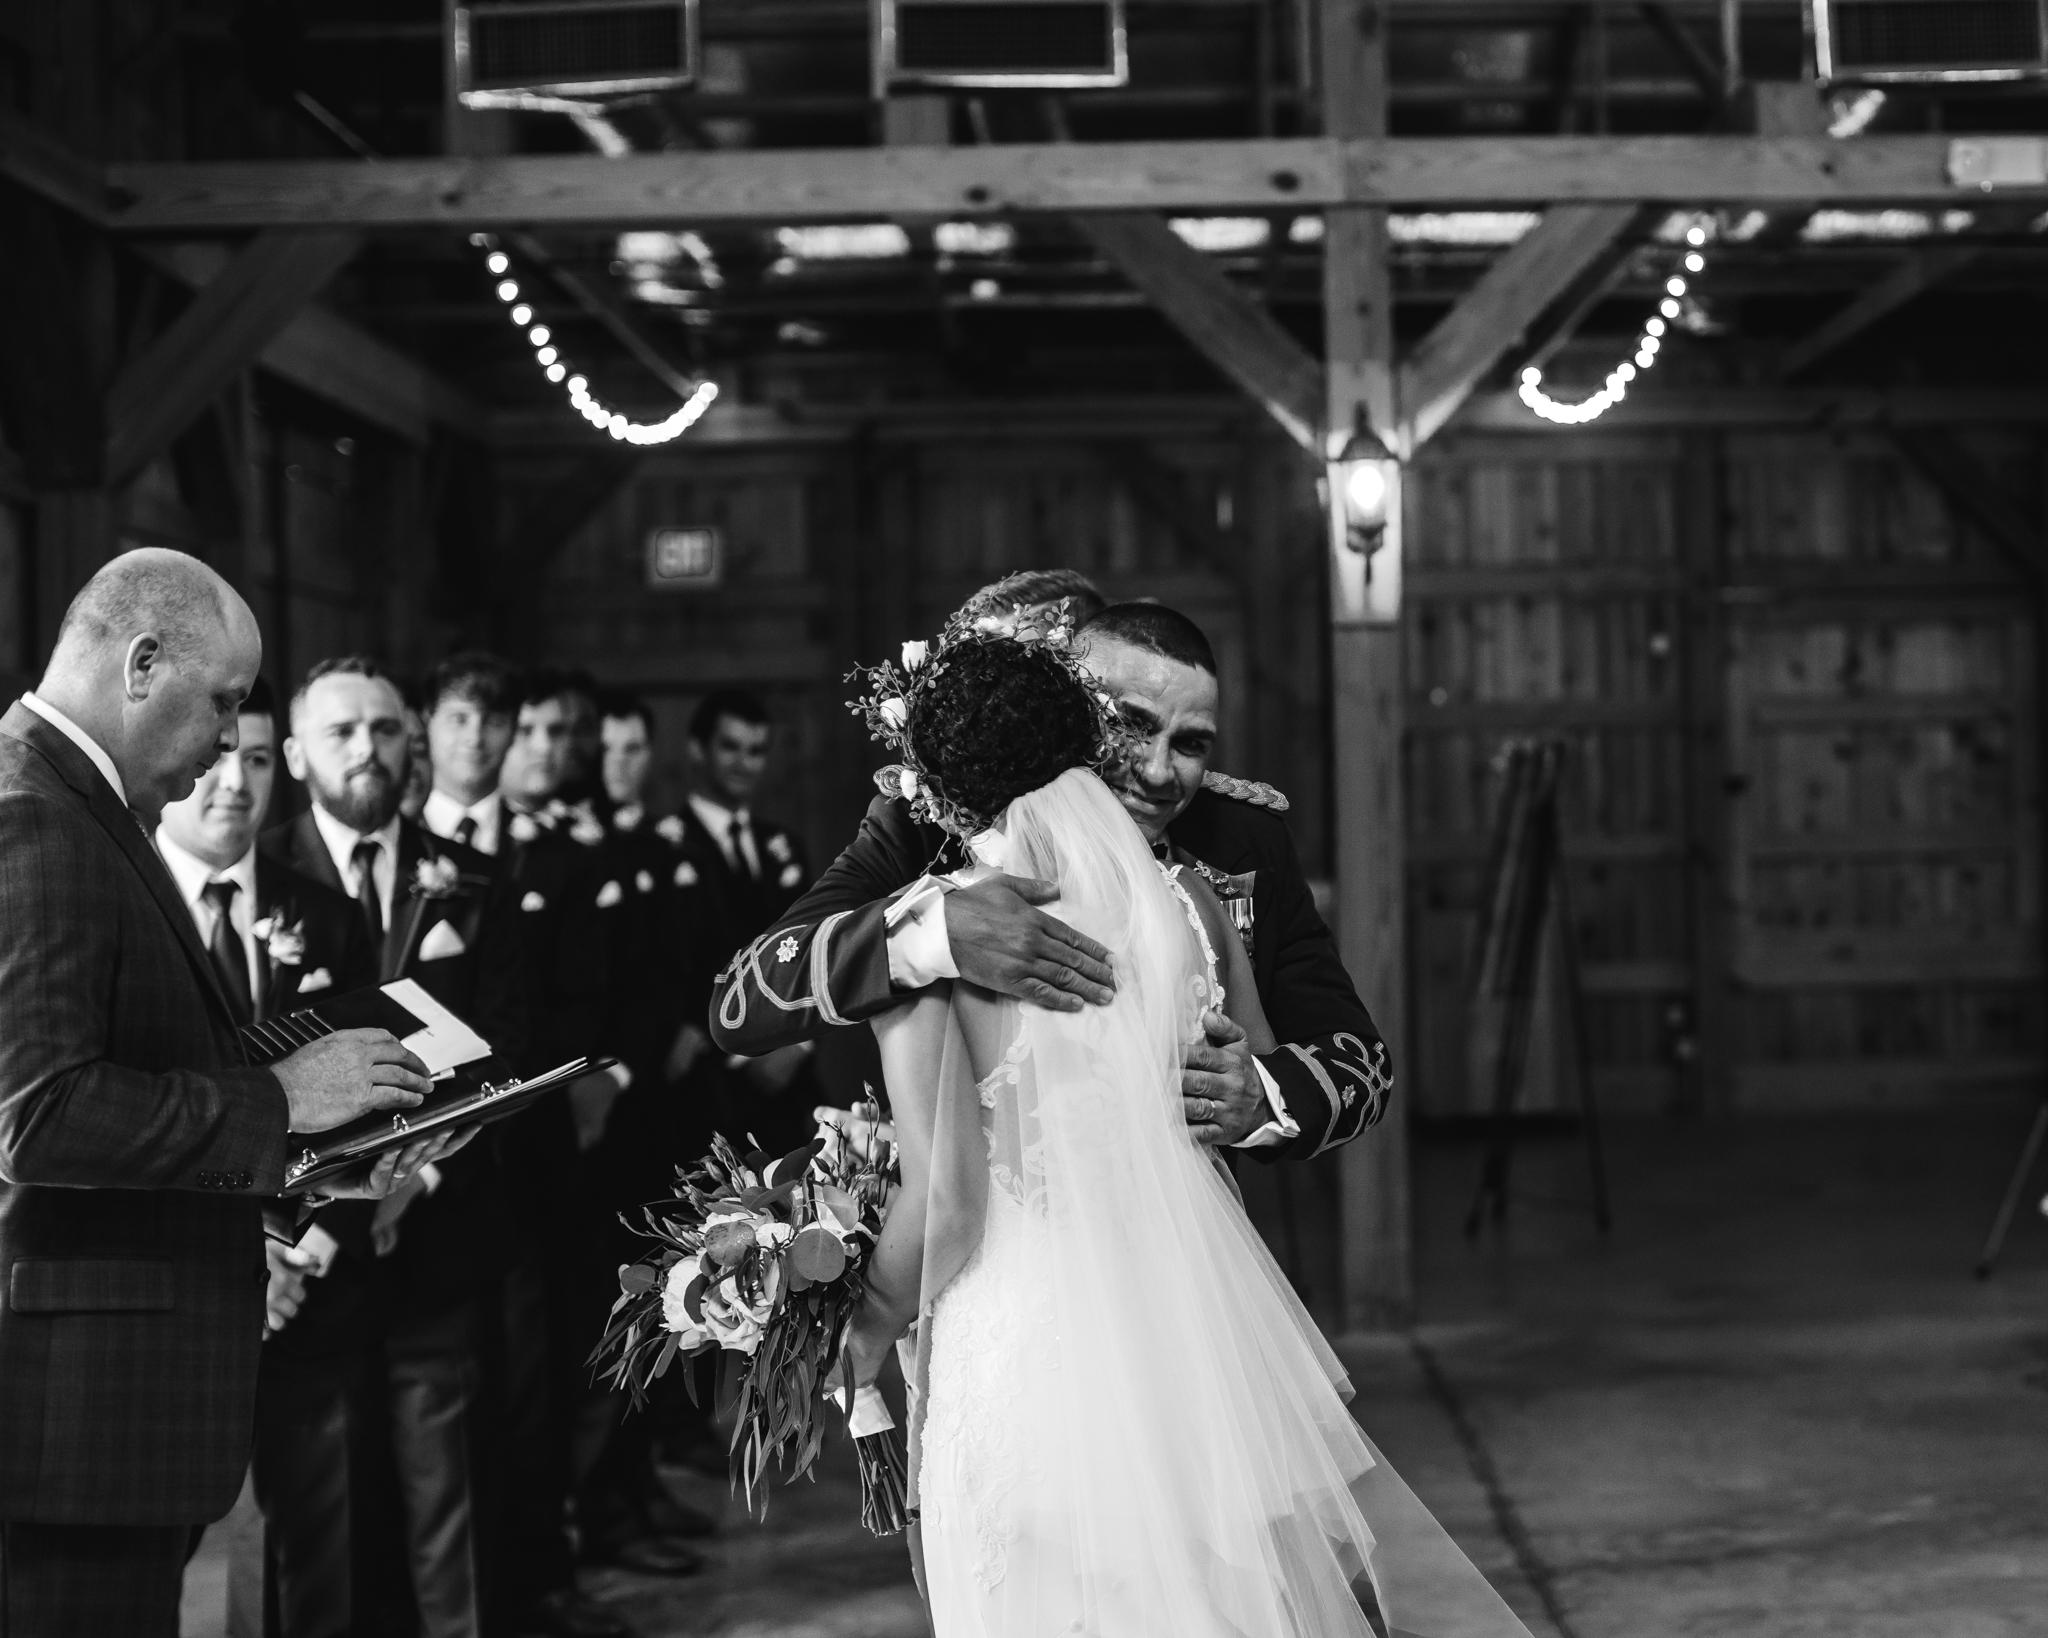 saddlewoodsfarms-nashville-wedding-photographer-thewarmtharoundyou-rustic-wedding (20 of 251).jpg